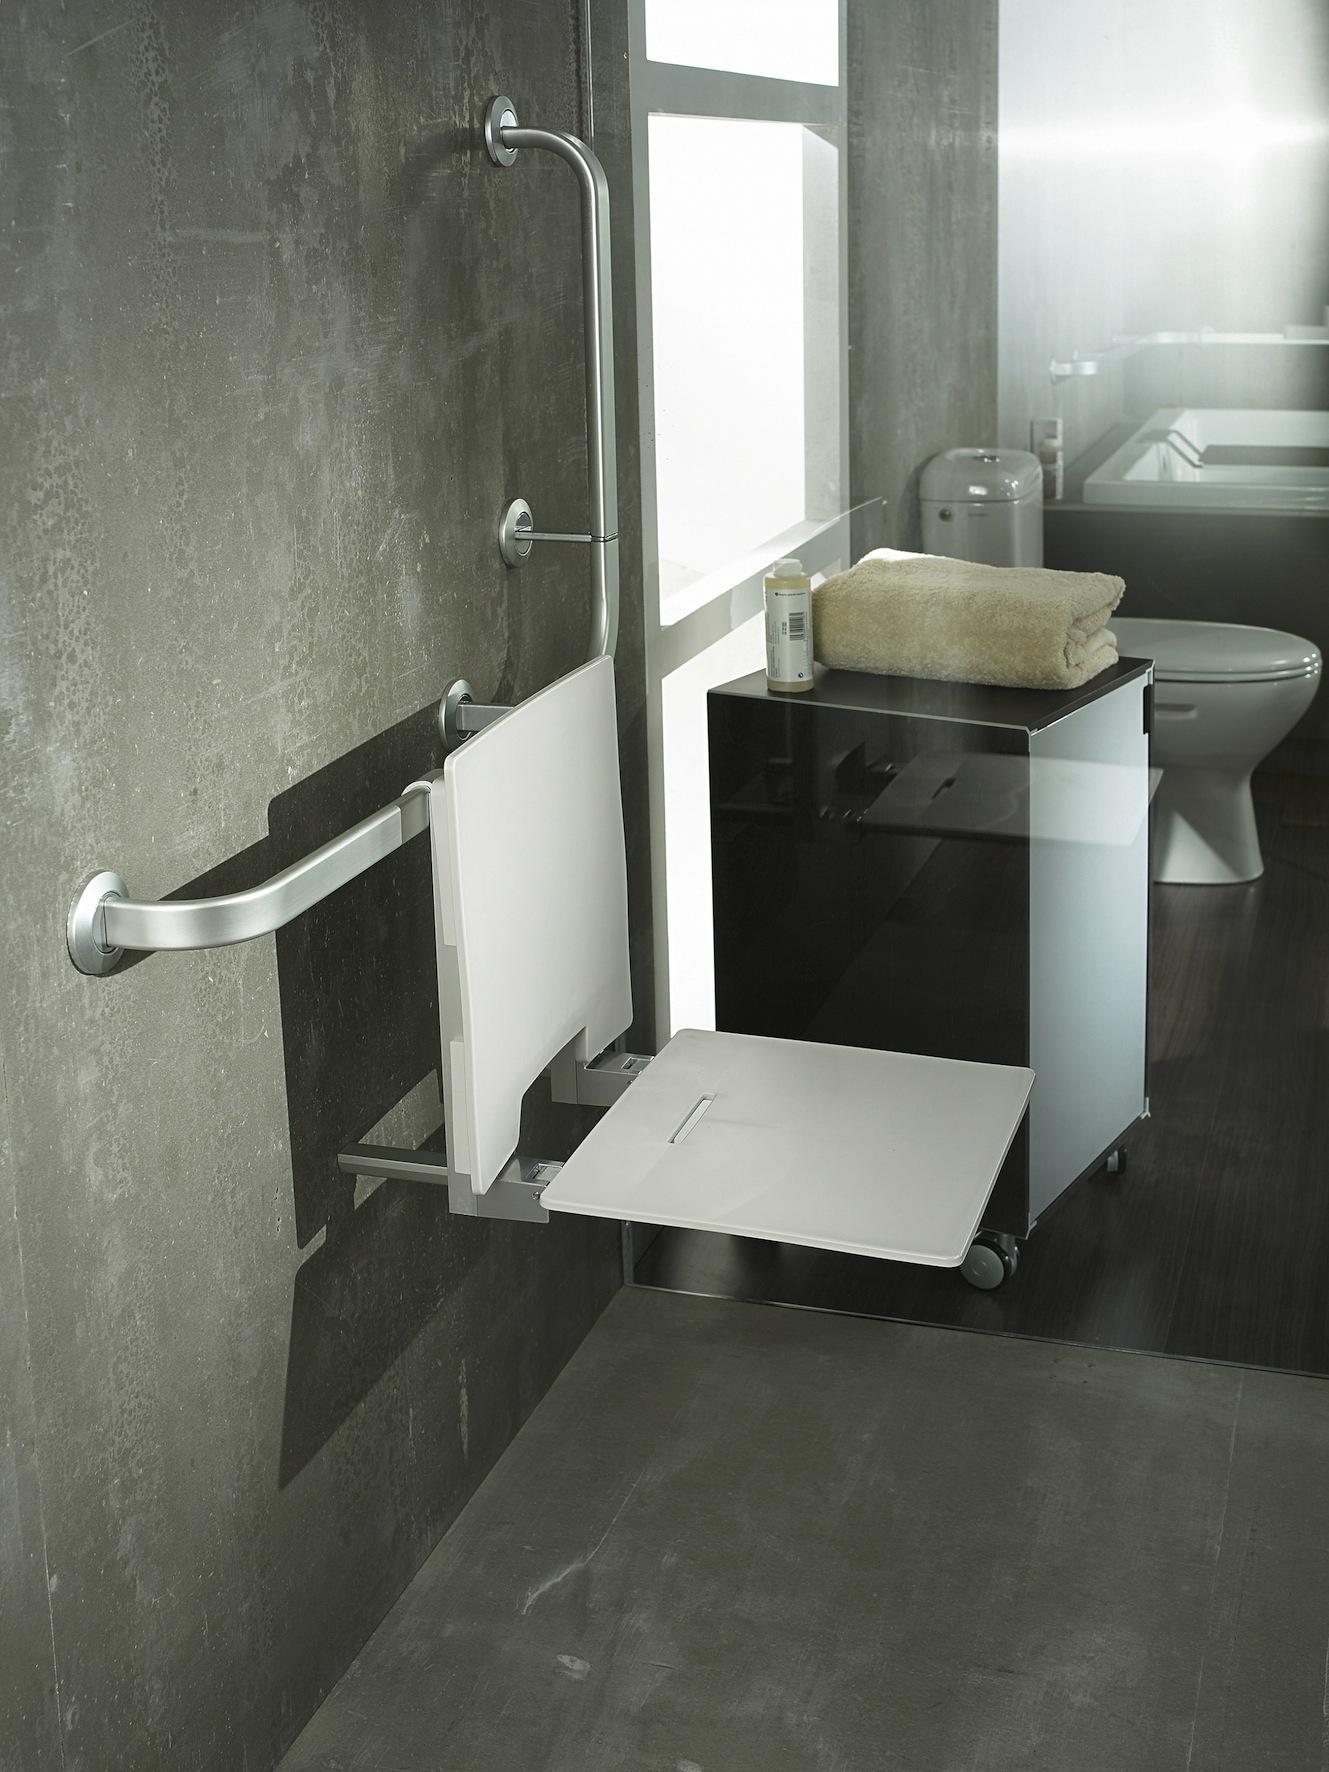 Tablette Salle De Bain Design : … -des-salles-de-bains-spécial-séniors-LAPEYRE-siège-de-douche